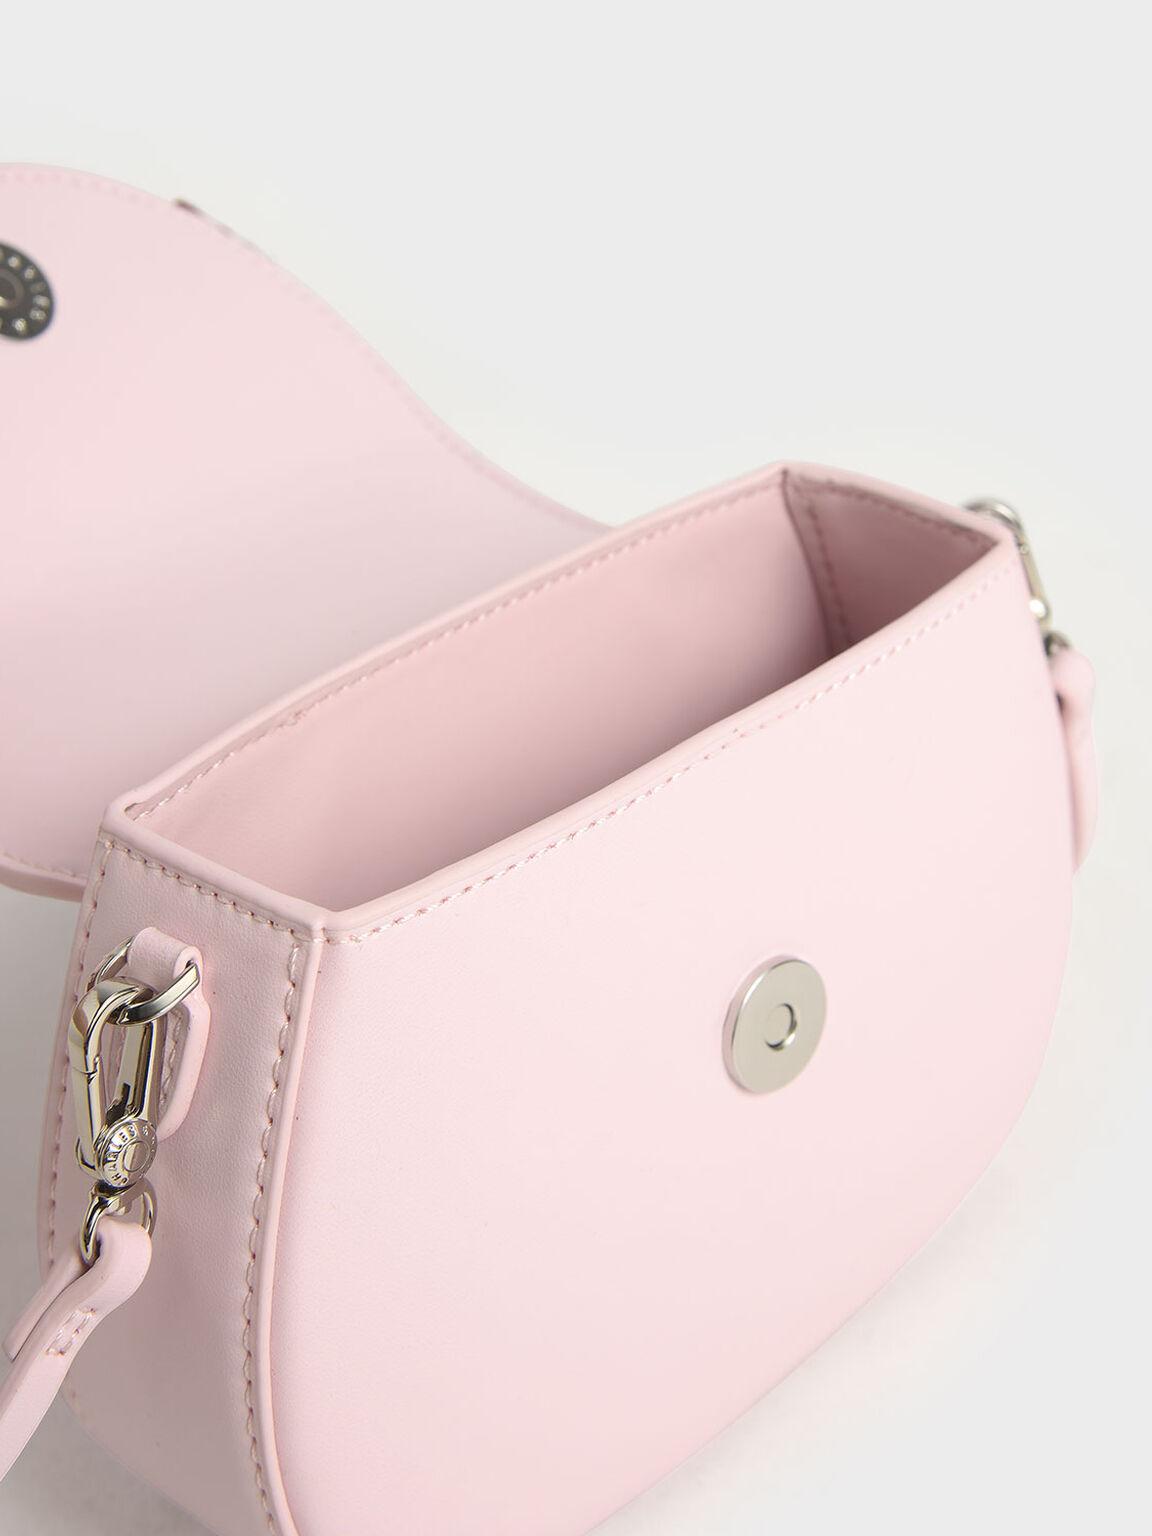 Summer 2020 Responsible Collection: Girls' Bandana Print Bow Crossbody Bag, Pink, hi-res